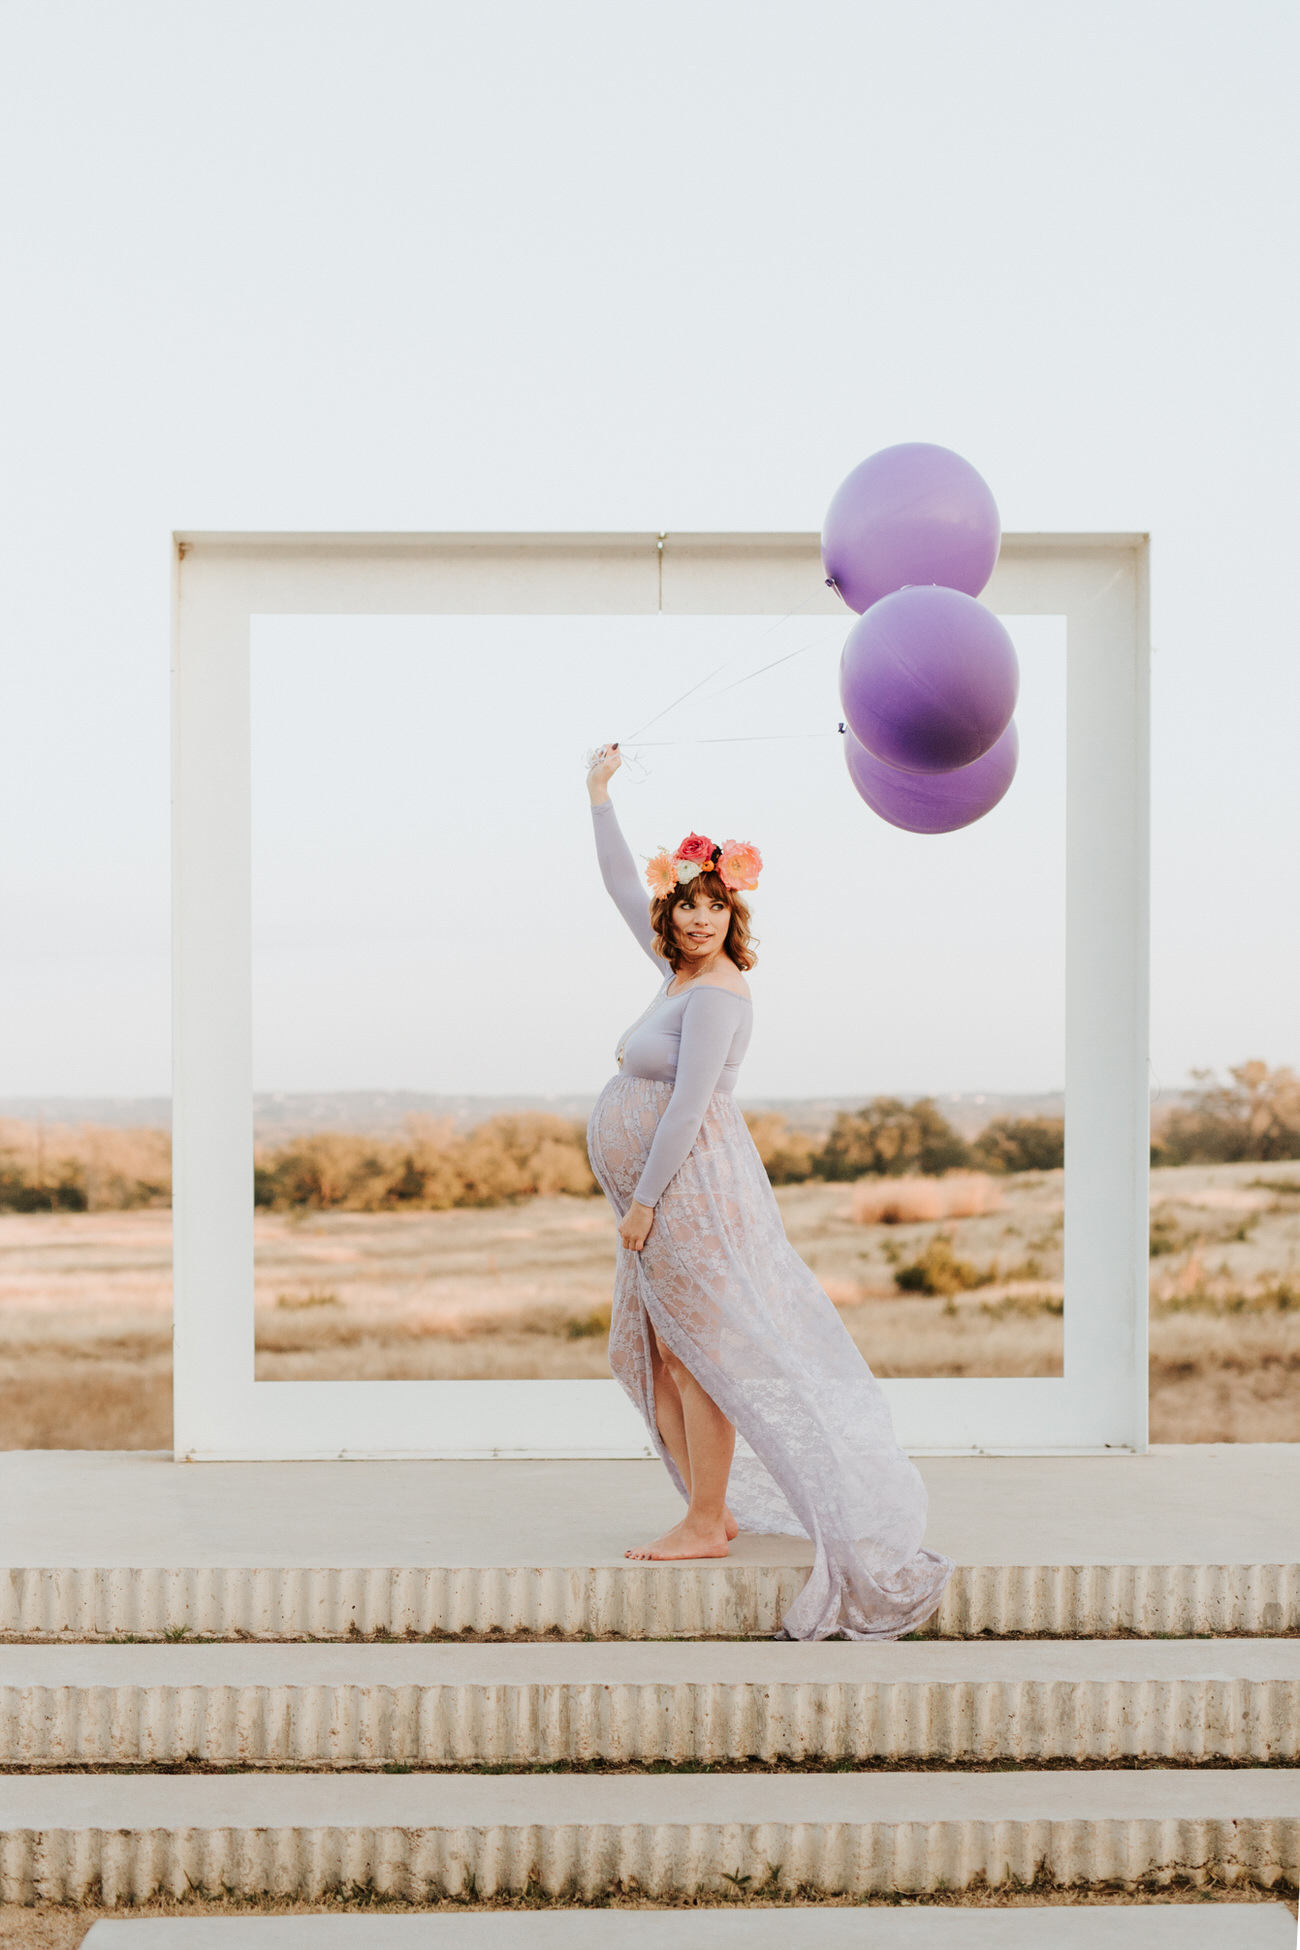 Beautiful pregnant woman at maternity shoot